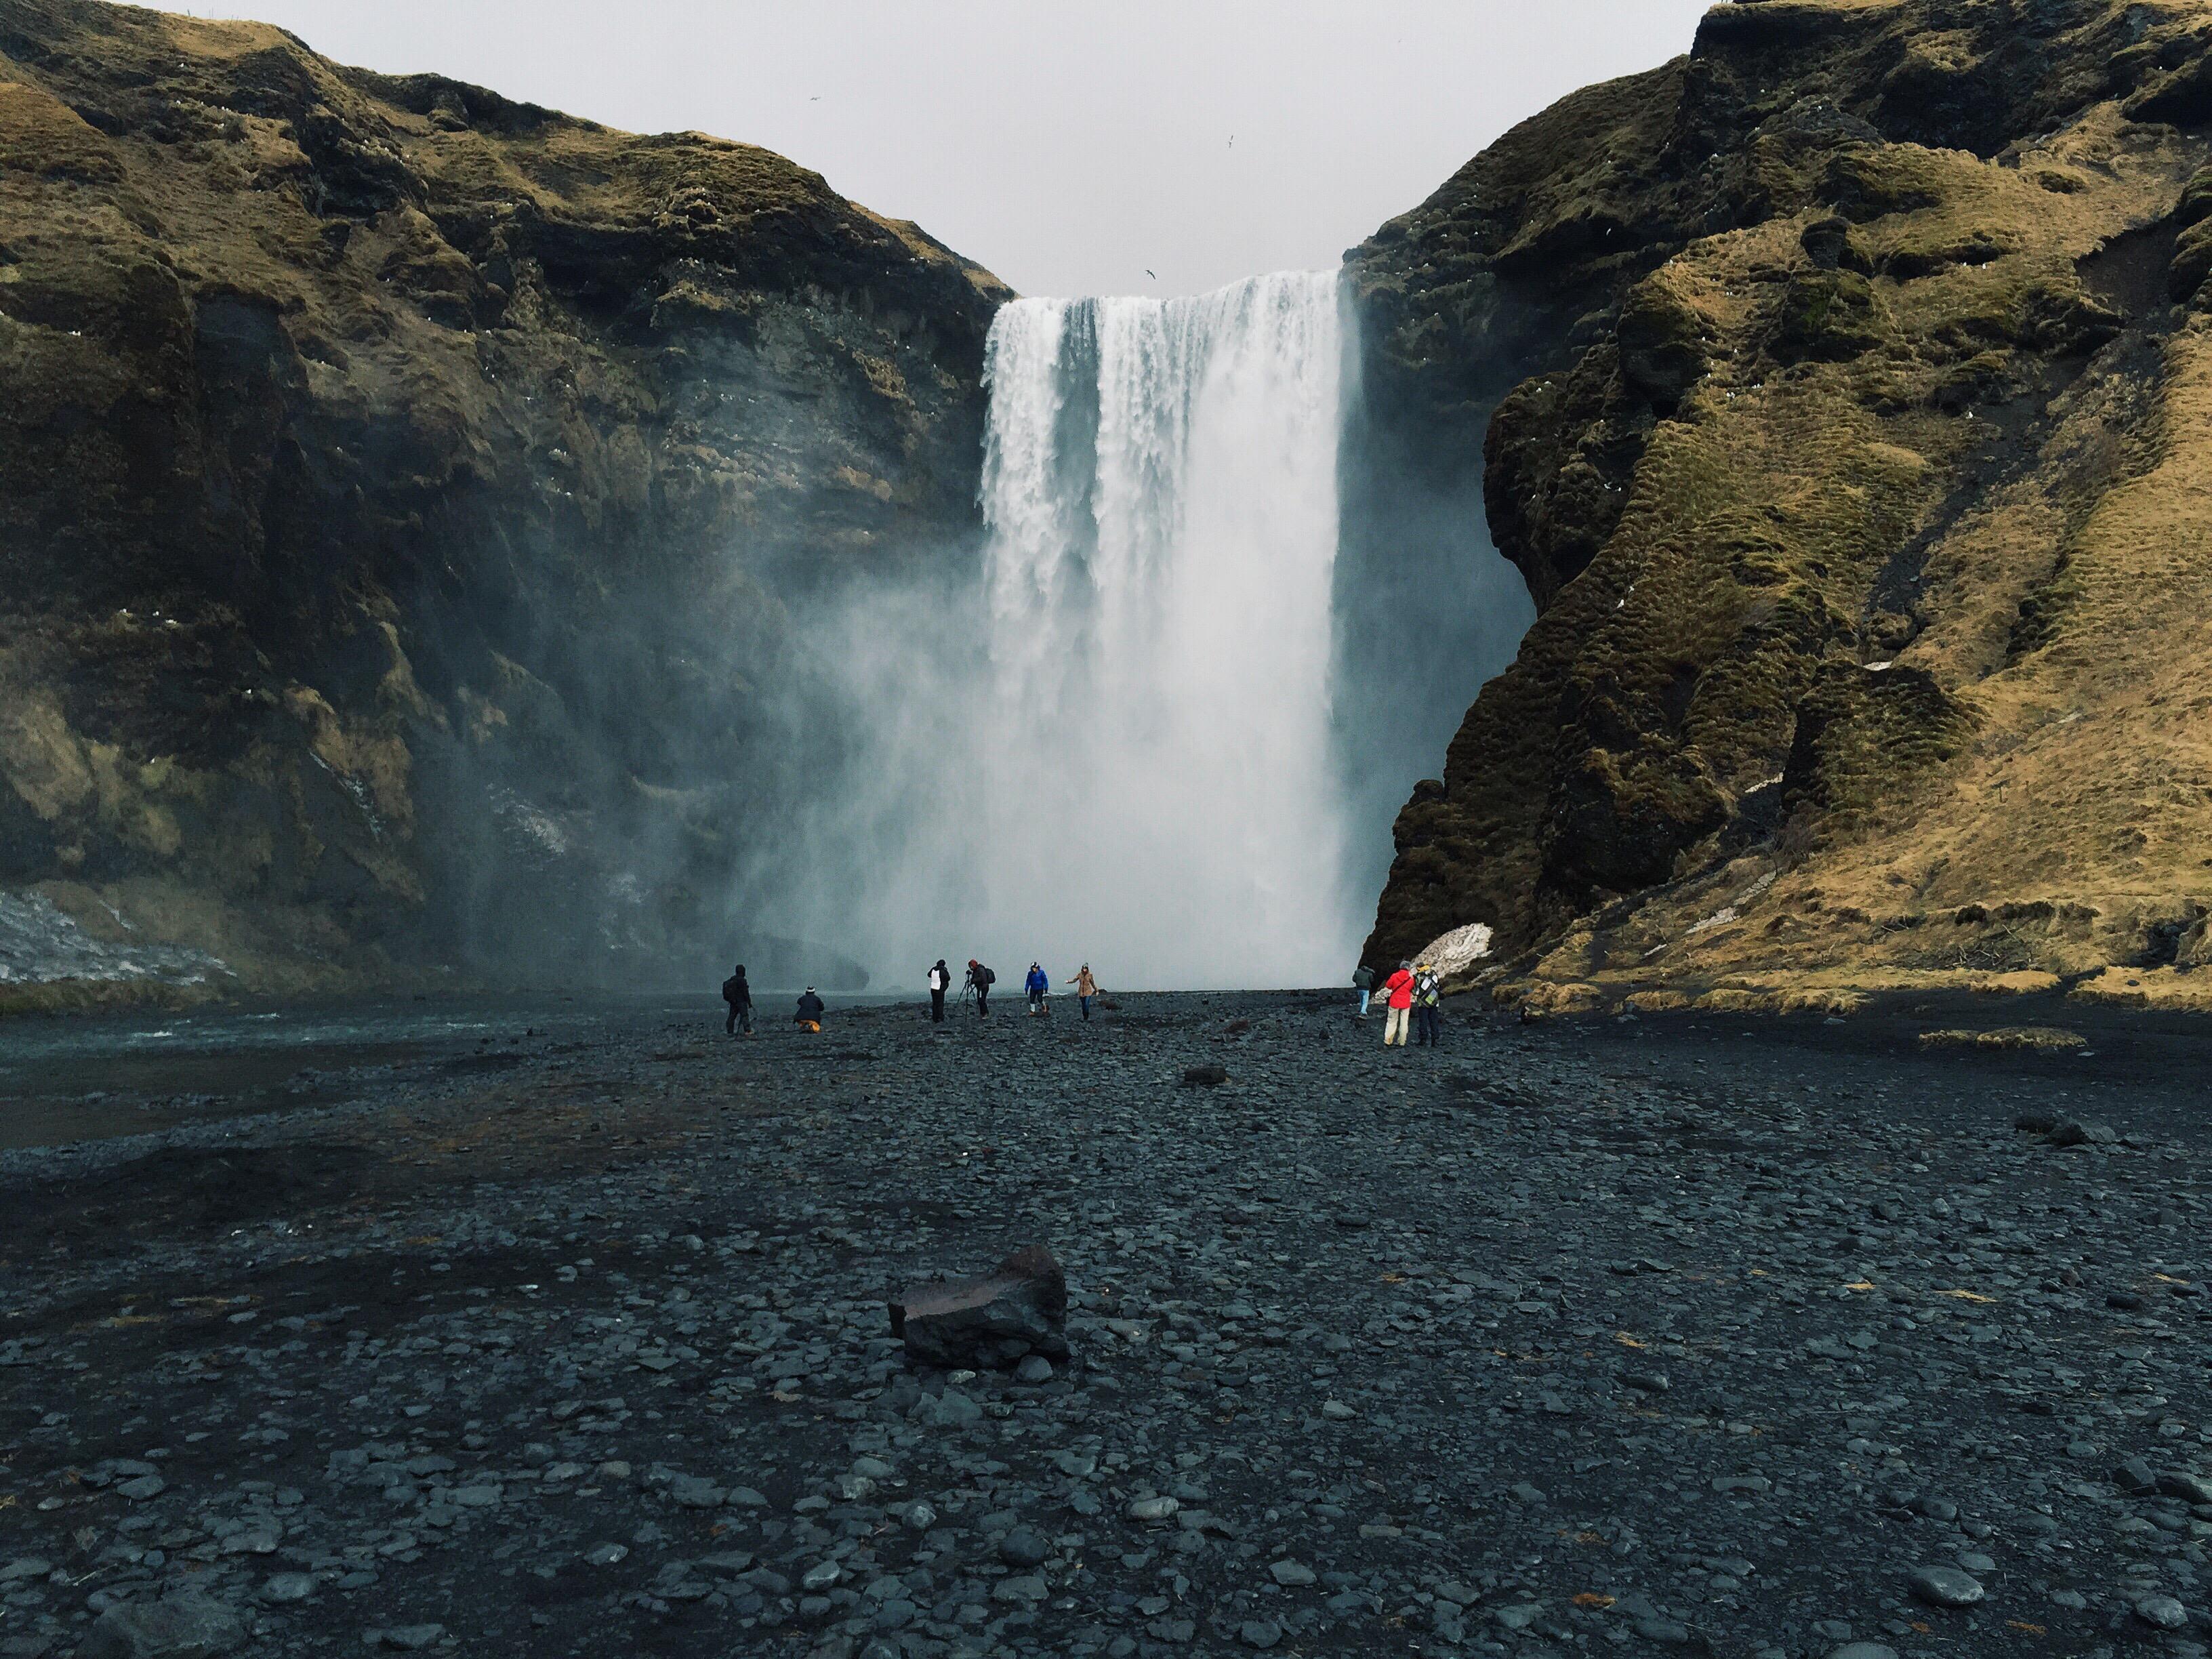 斯科加瀑布是冰岛最受欢迎的景点之一